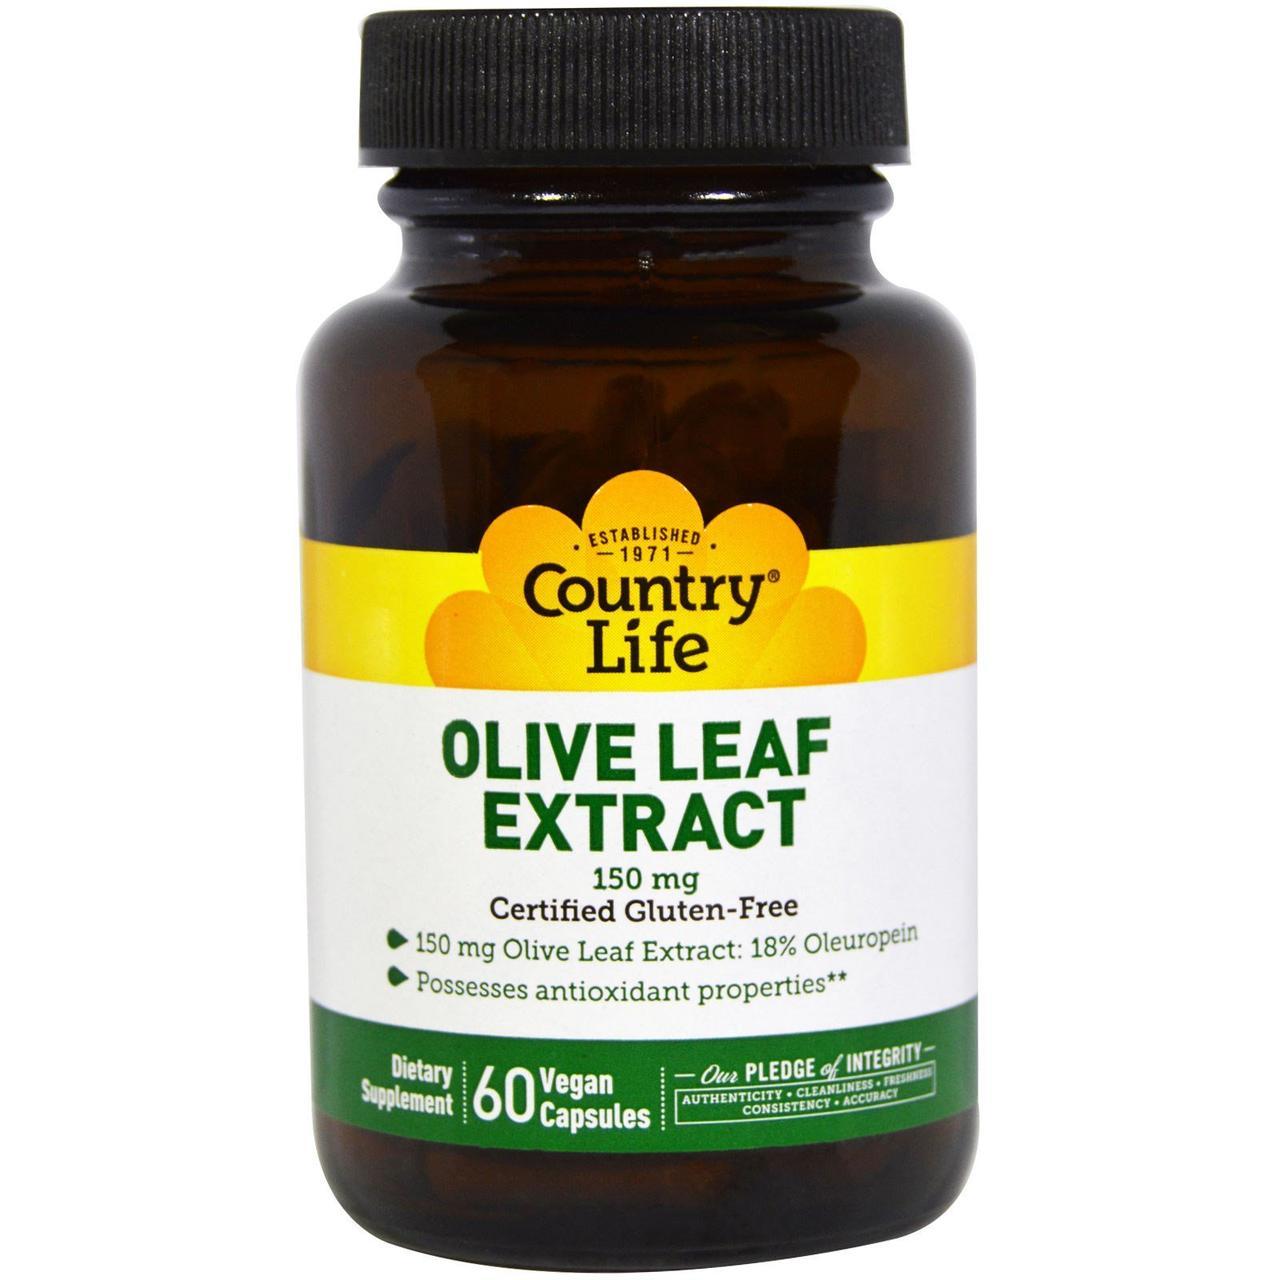 Экстракт листьев оливы, Olive Leaf Extract, Country Life, 150 мг, 60 кап.